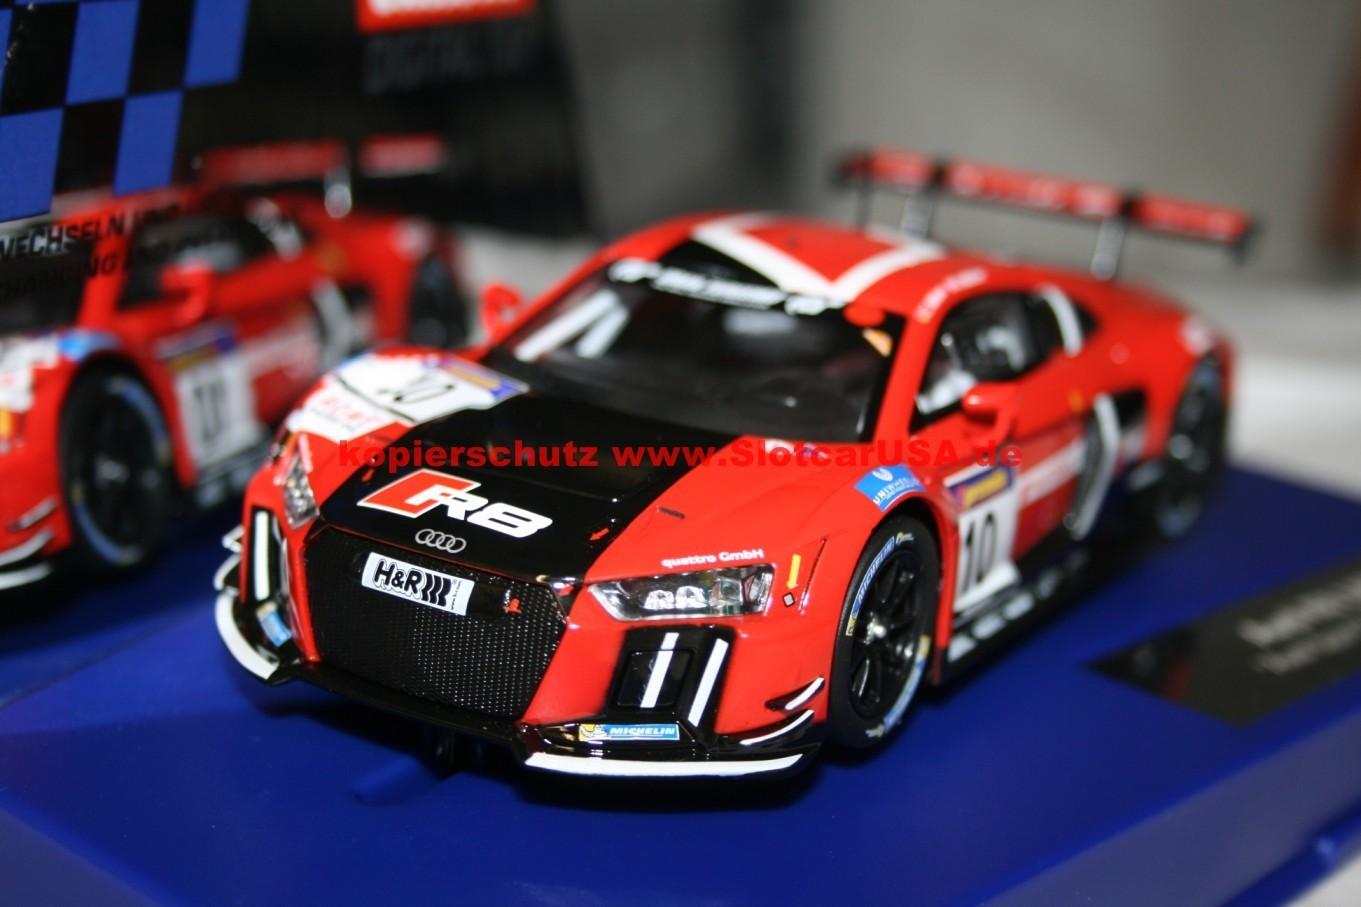 Carrera Digital 132 30770 Audi R8 Lms Audi Sport Team Nr 10 Slotcarusa